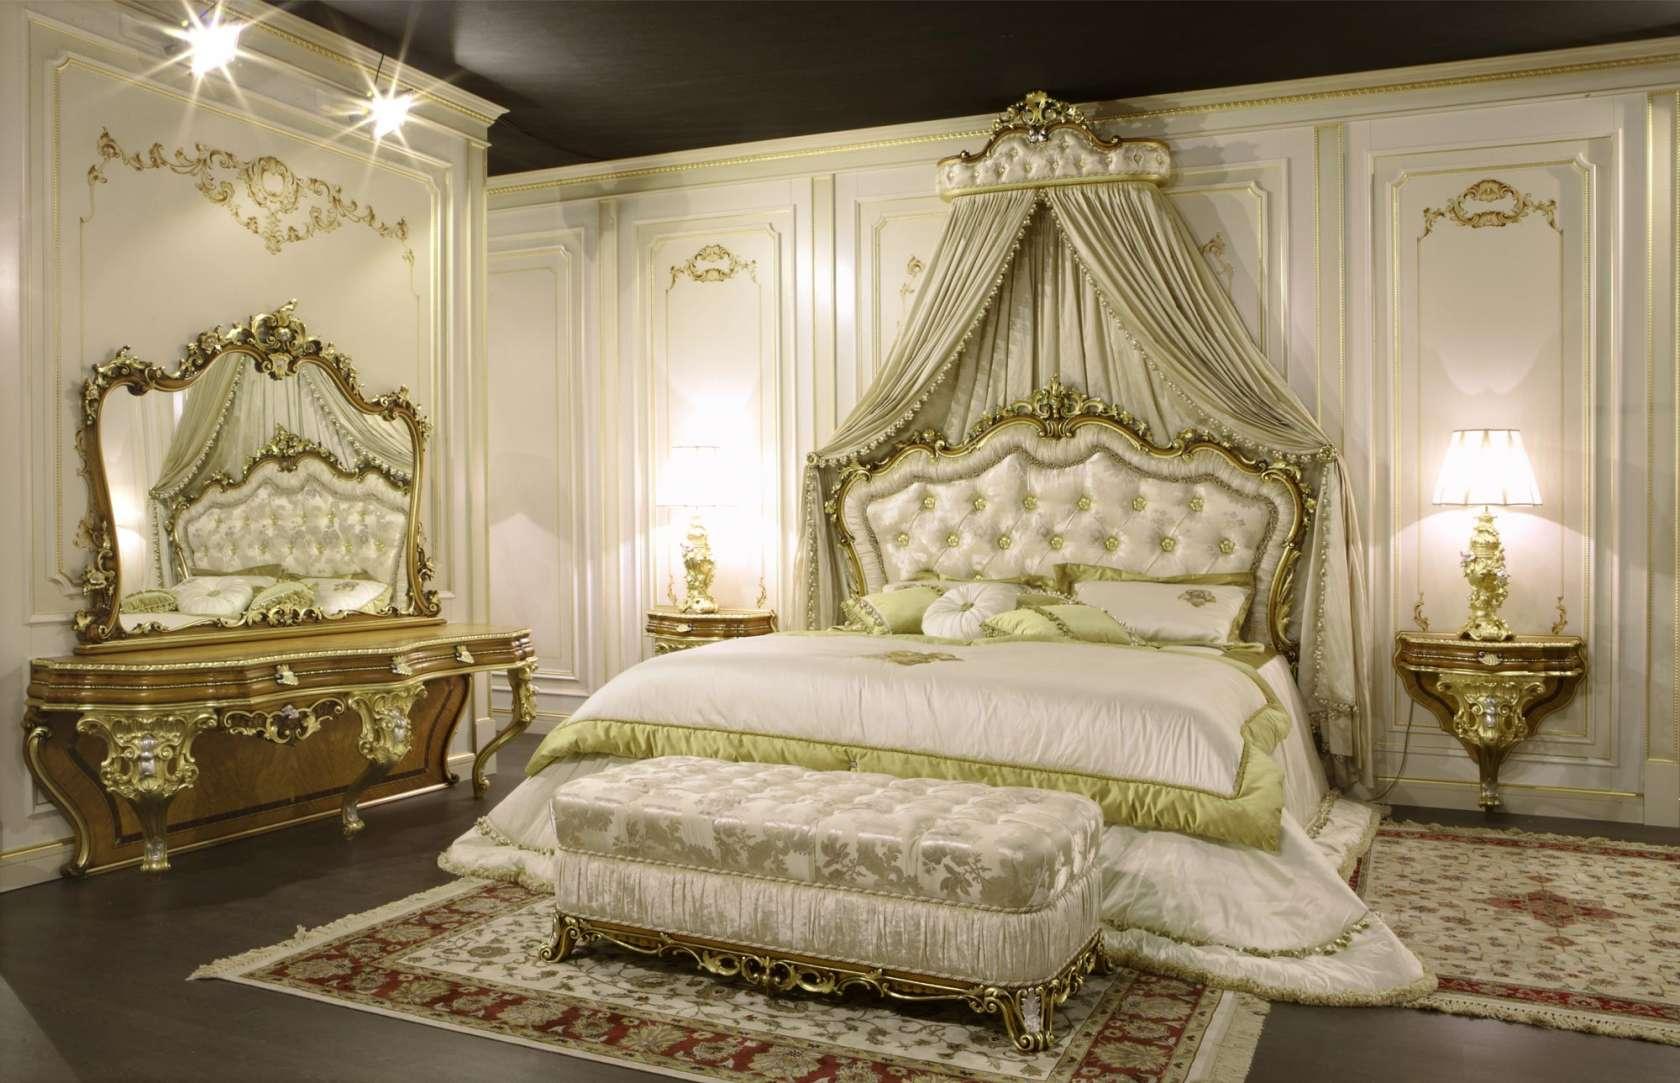 Arredamento Casa Stile Barocco : Arredamento stile barocco moderno. stunning arredamento brescia i